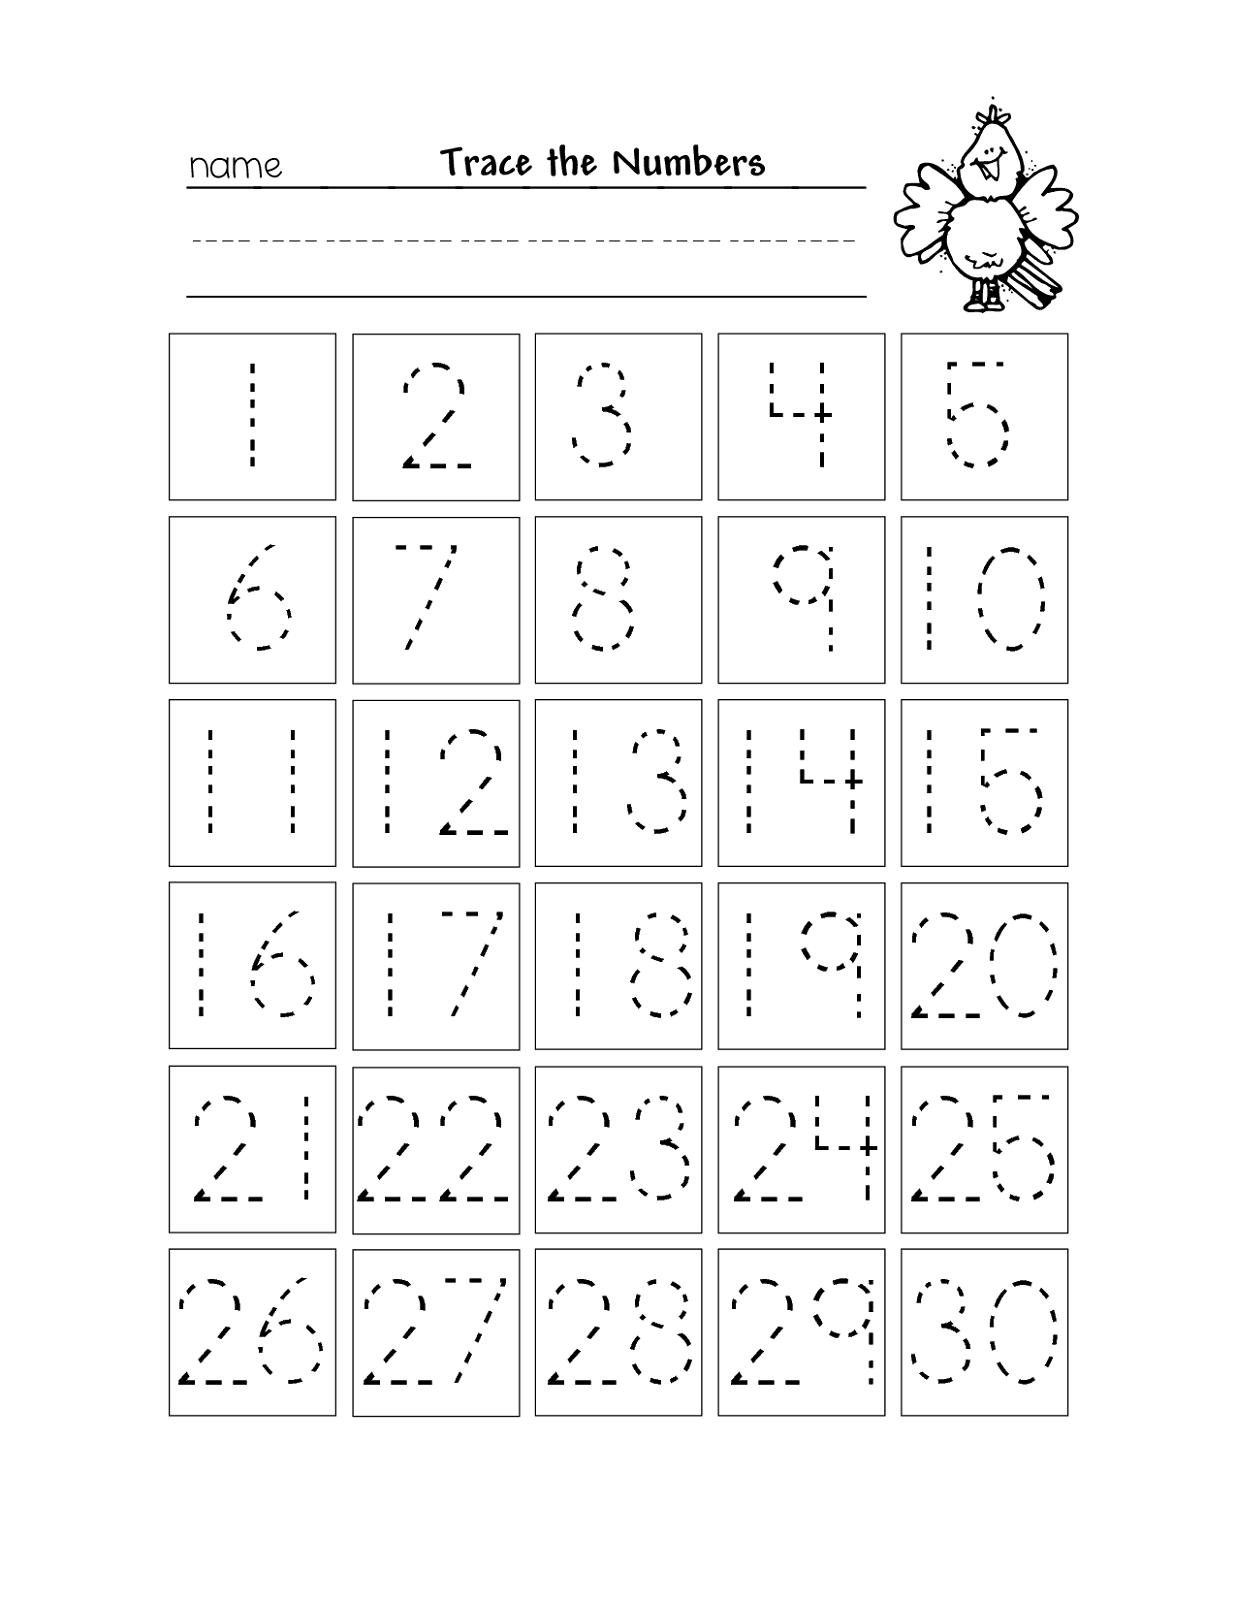 Free Printable Number Chart 1-30   Kinder   Numbers Preschool - Free Printable Number Flashcards 1 30